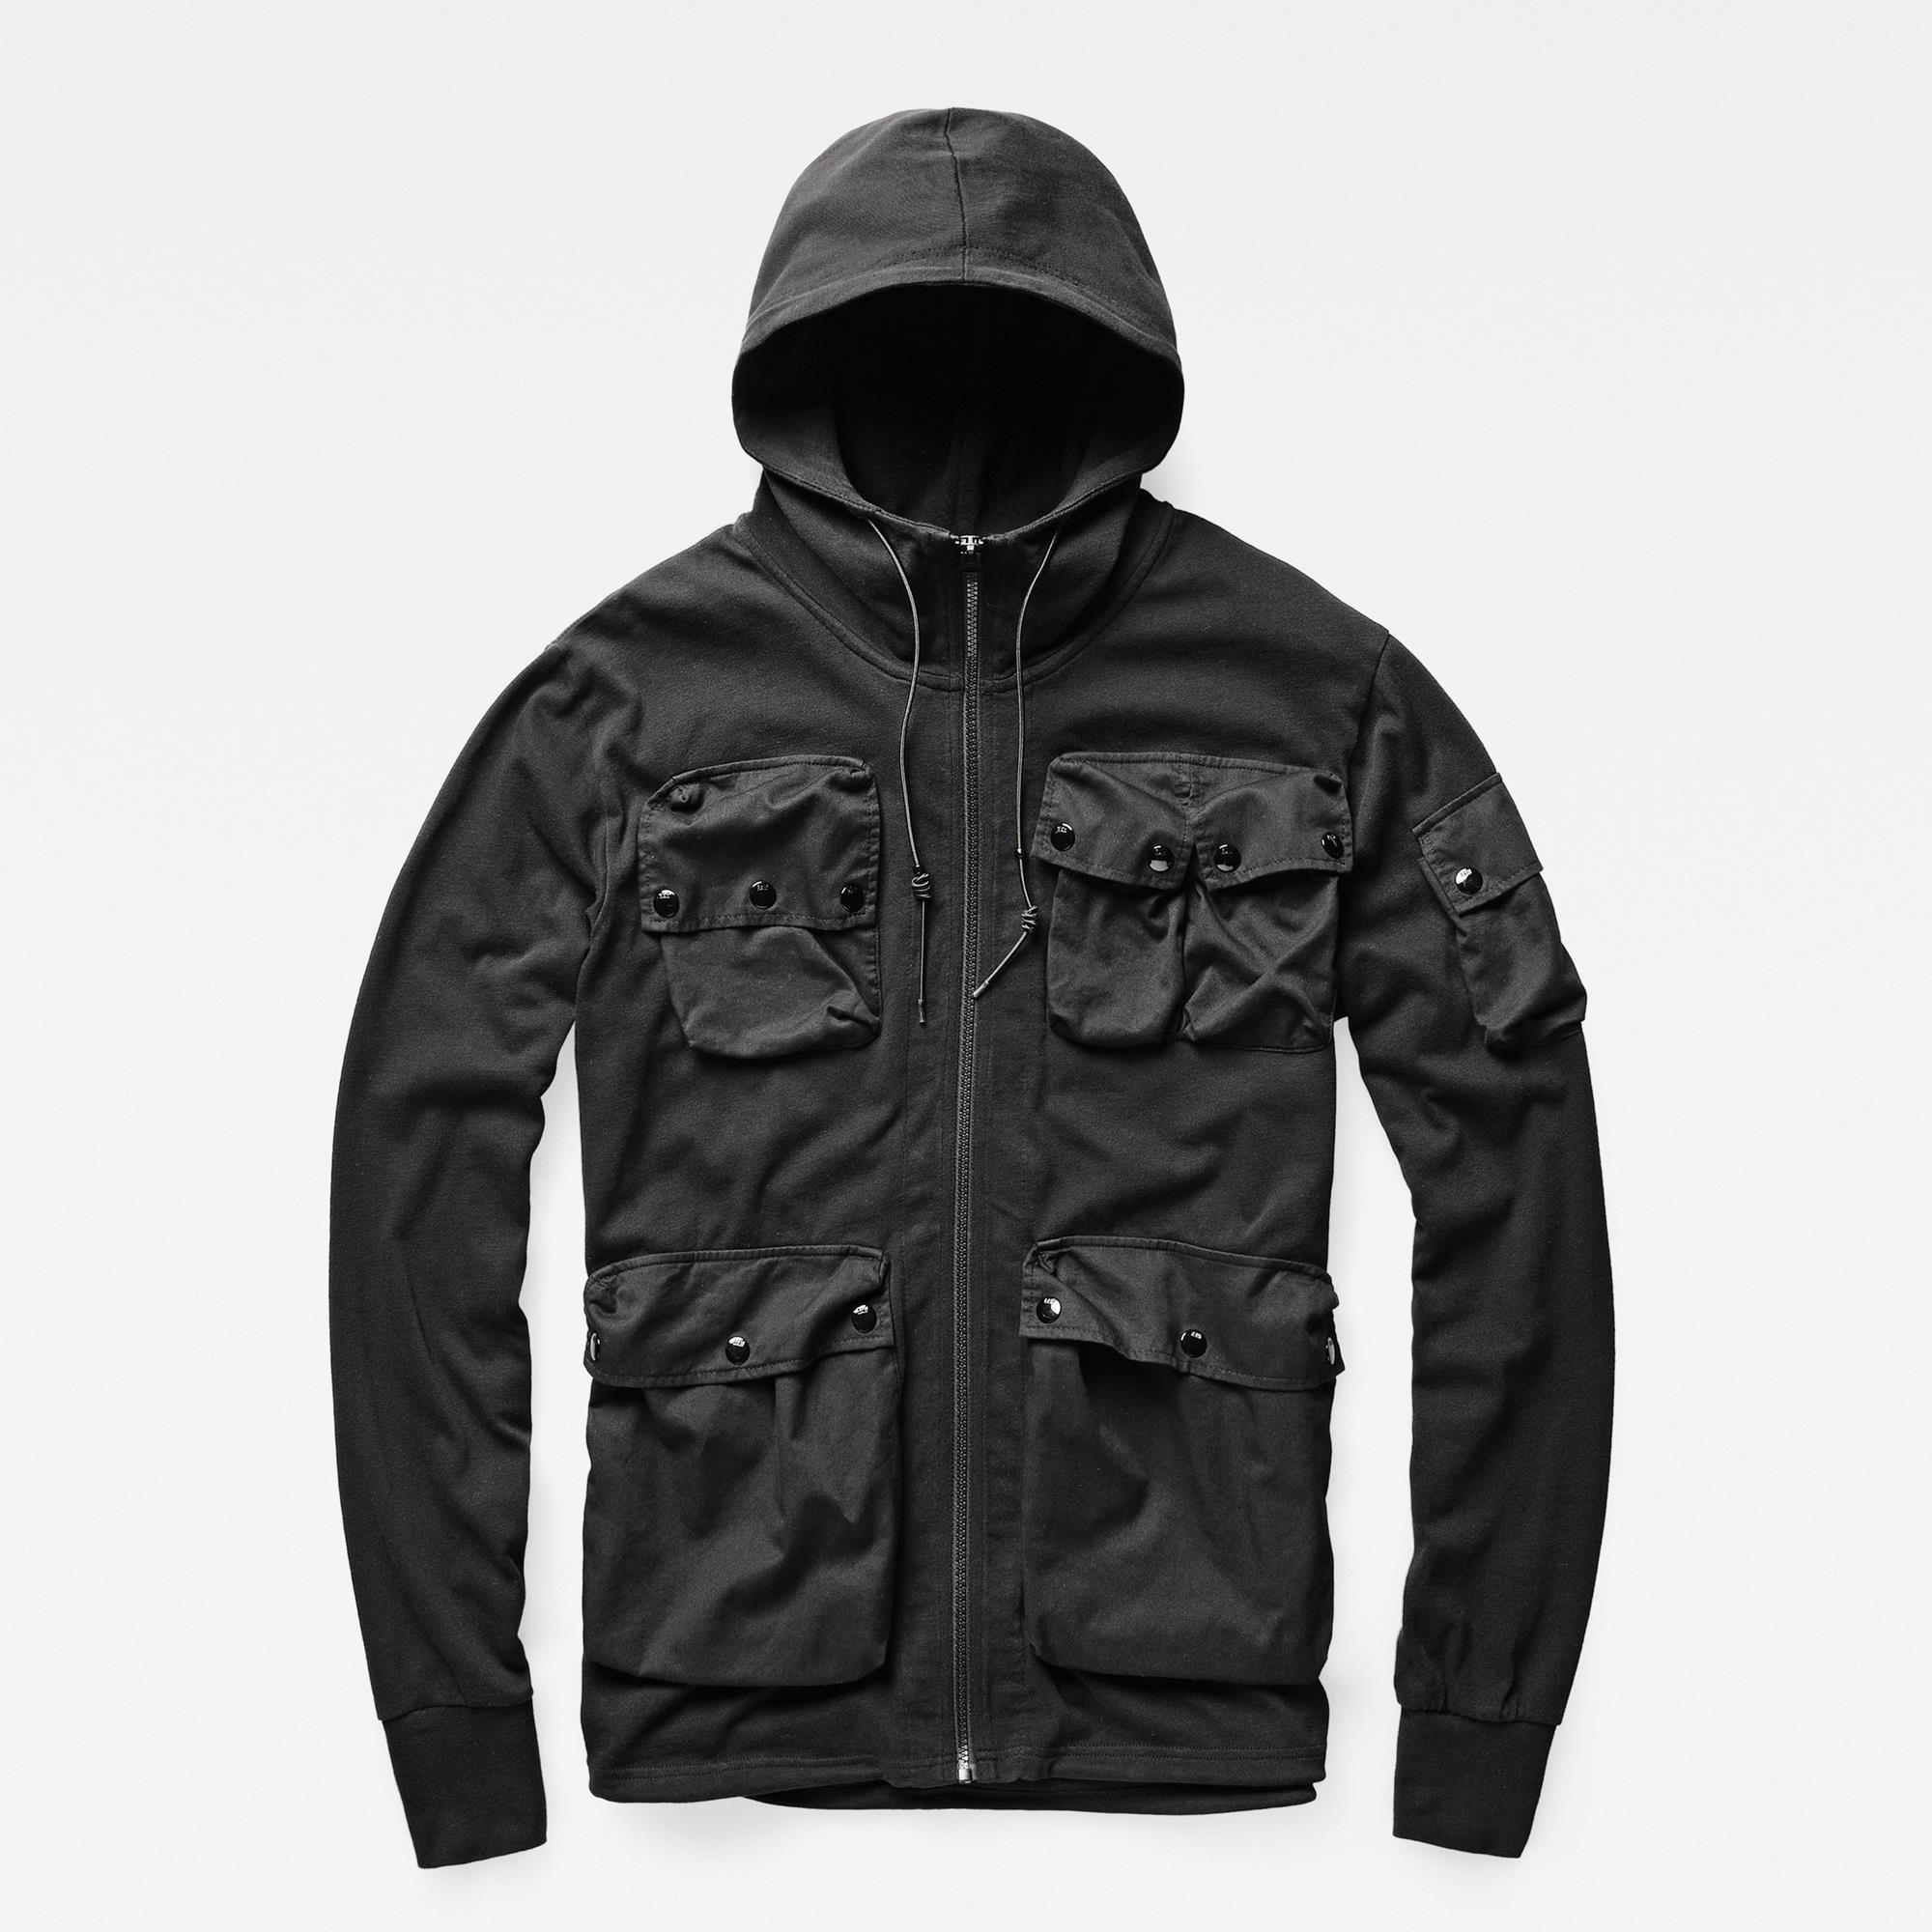 Mit funktionellen Taschen aus Kontrastmaterial ausgestattet, stammt die Inspiration für dieses Sweatshirt von einer schweizerischen Militär-Uniform aus d...